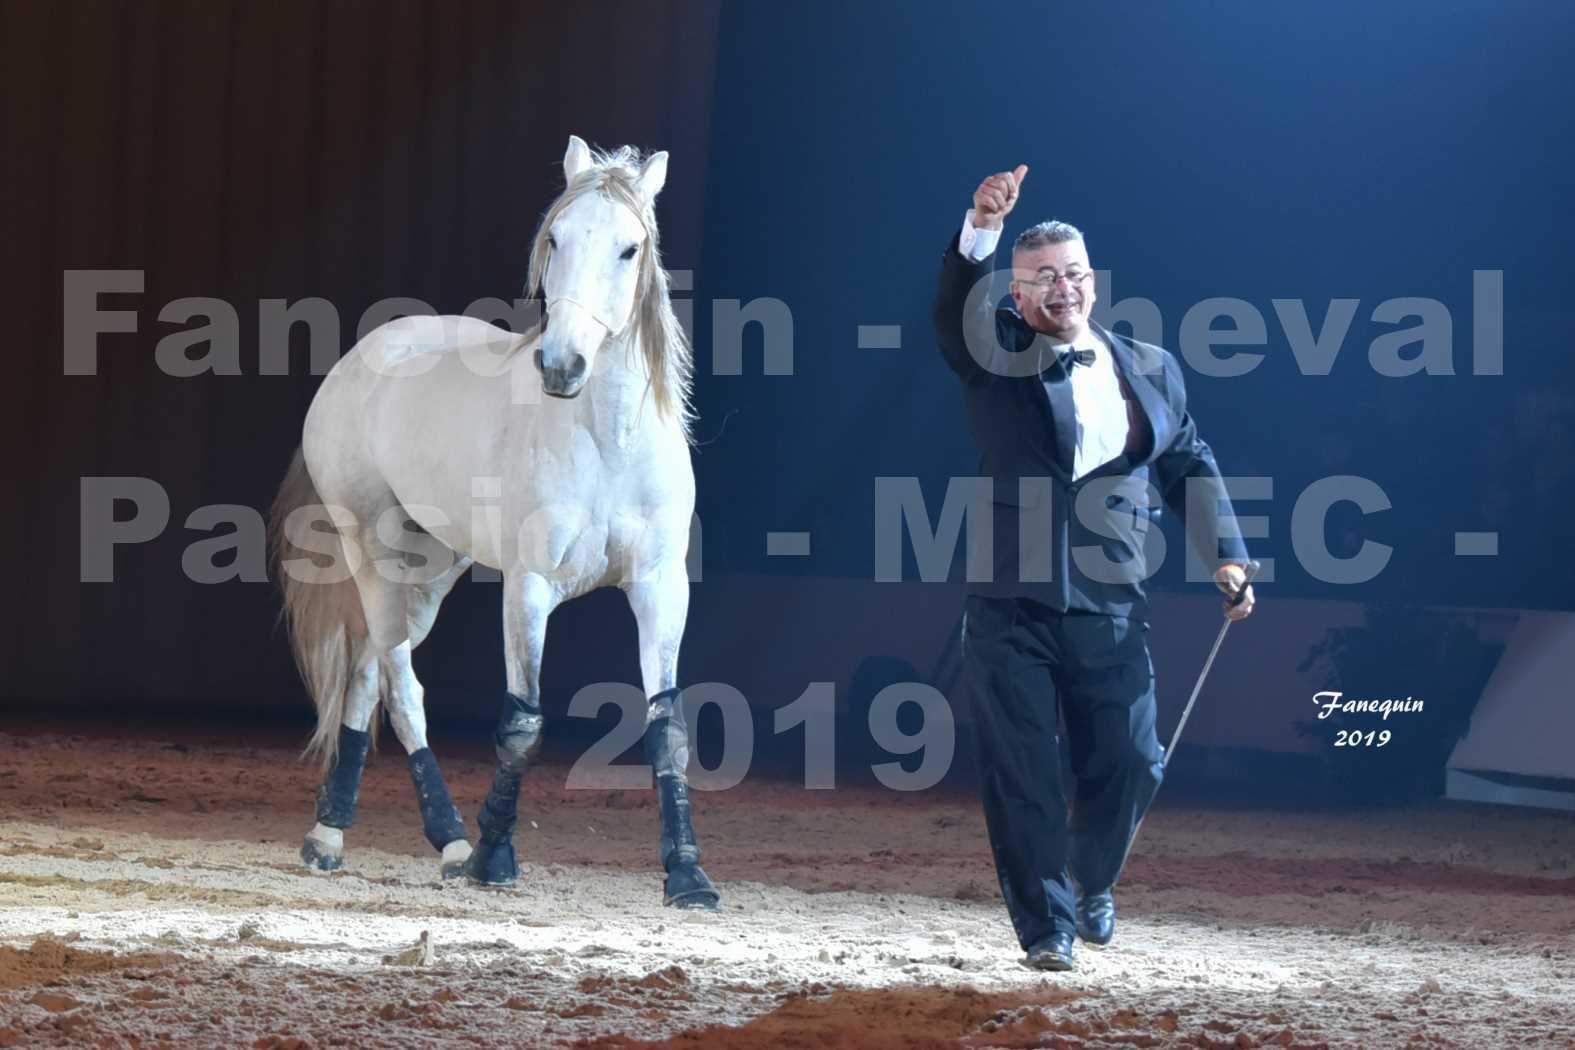 Cheval Passion 2019 - M. I. S. E. C. - Michel CASSAN & cheval en liberté - 24